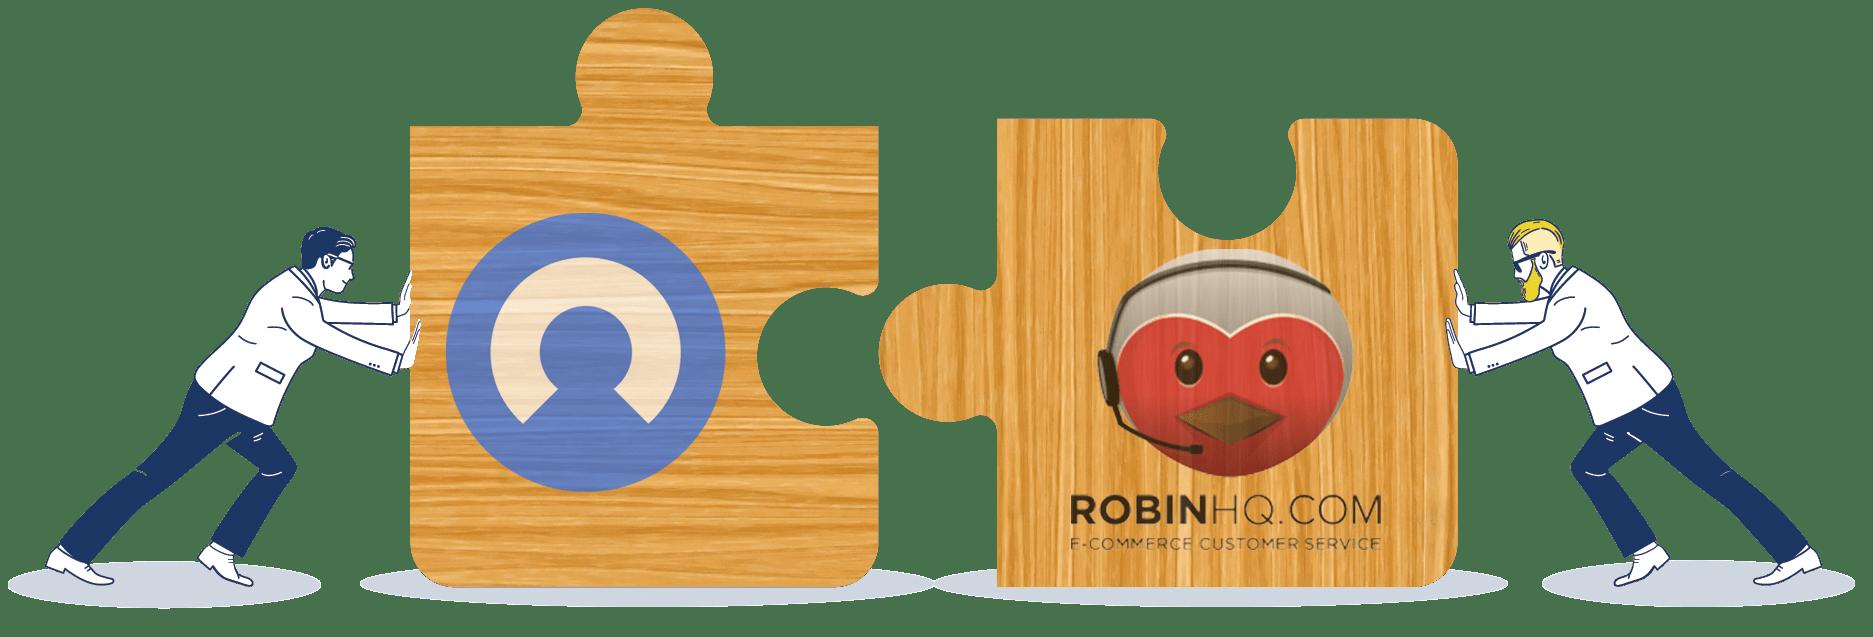 Robin HQ + slimme telefonie